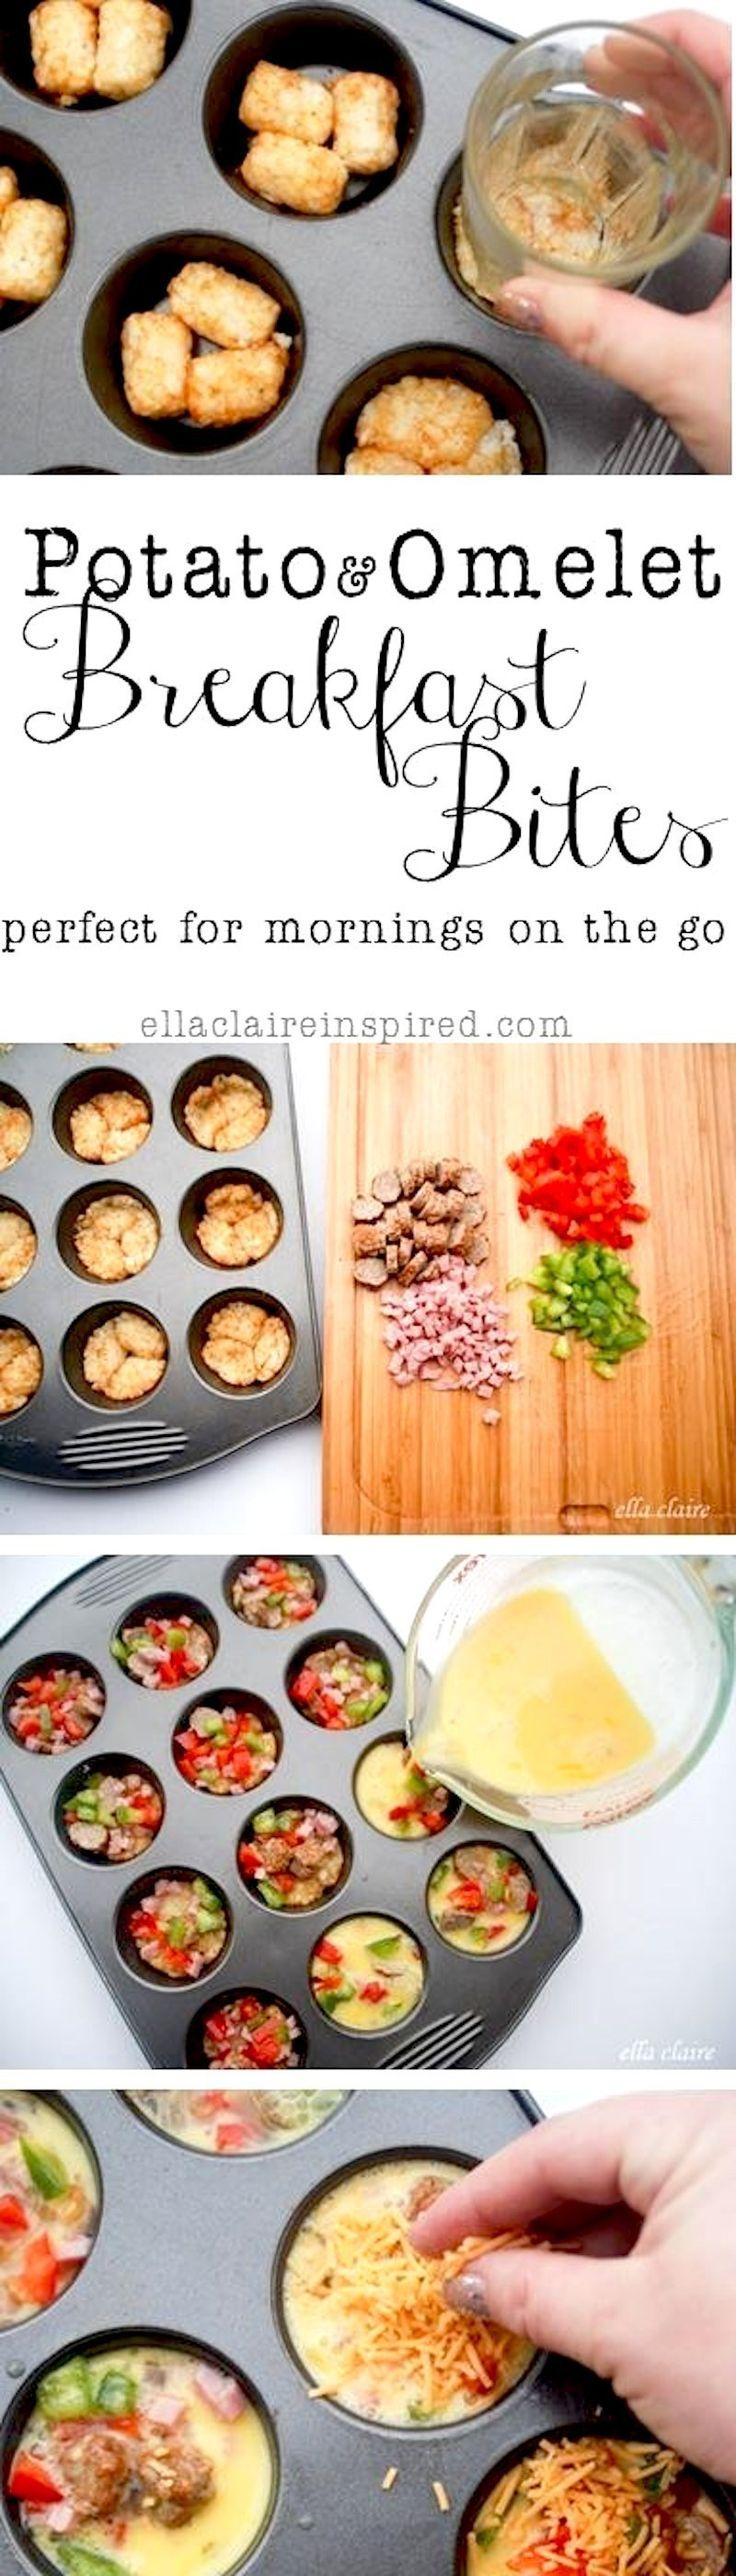 21 Easy Back-To-School Breakfast Ideas Kids Will Love